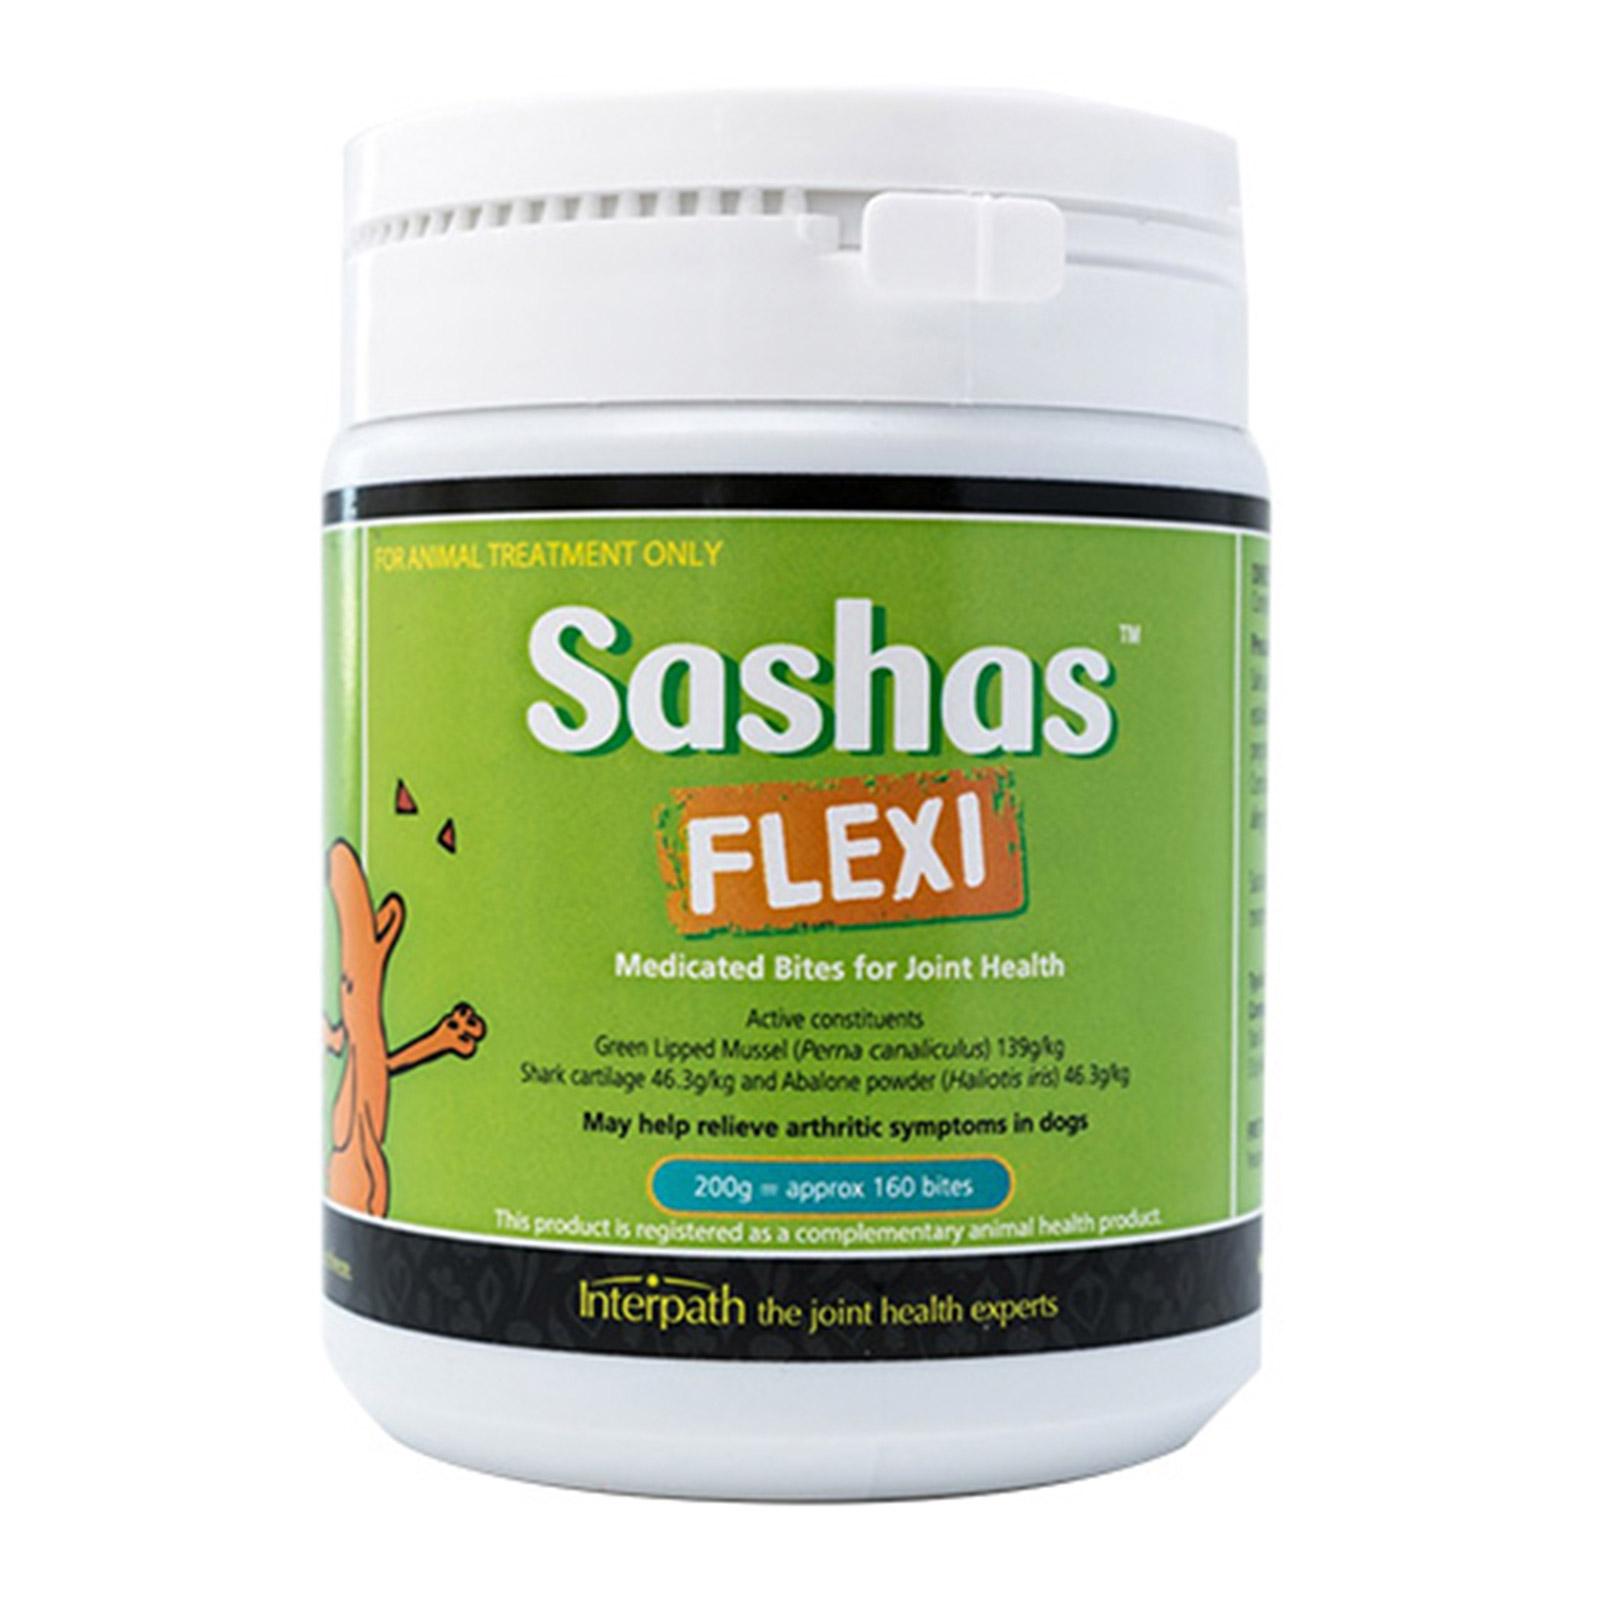 Sashas Blend Flexi Bites